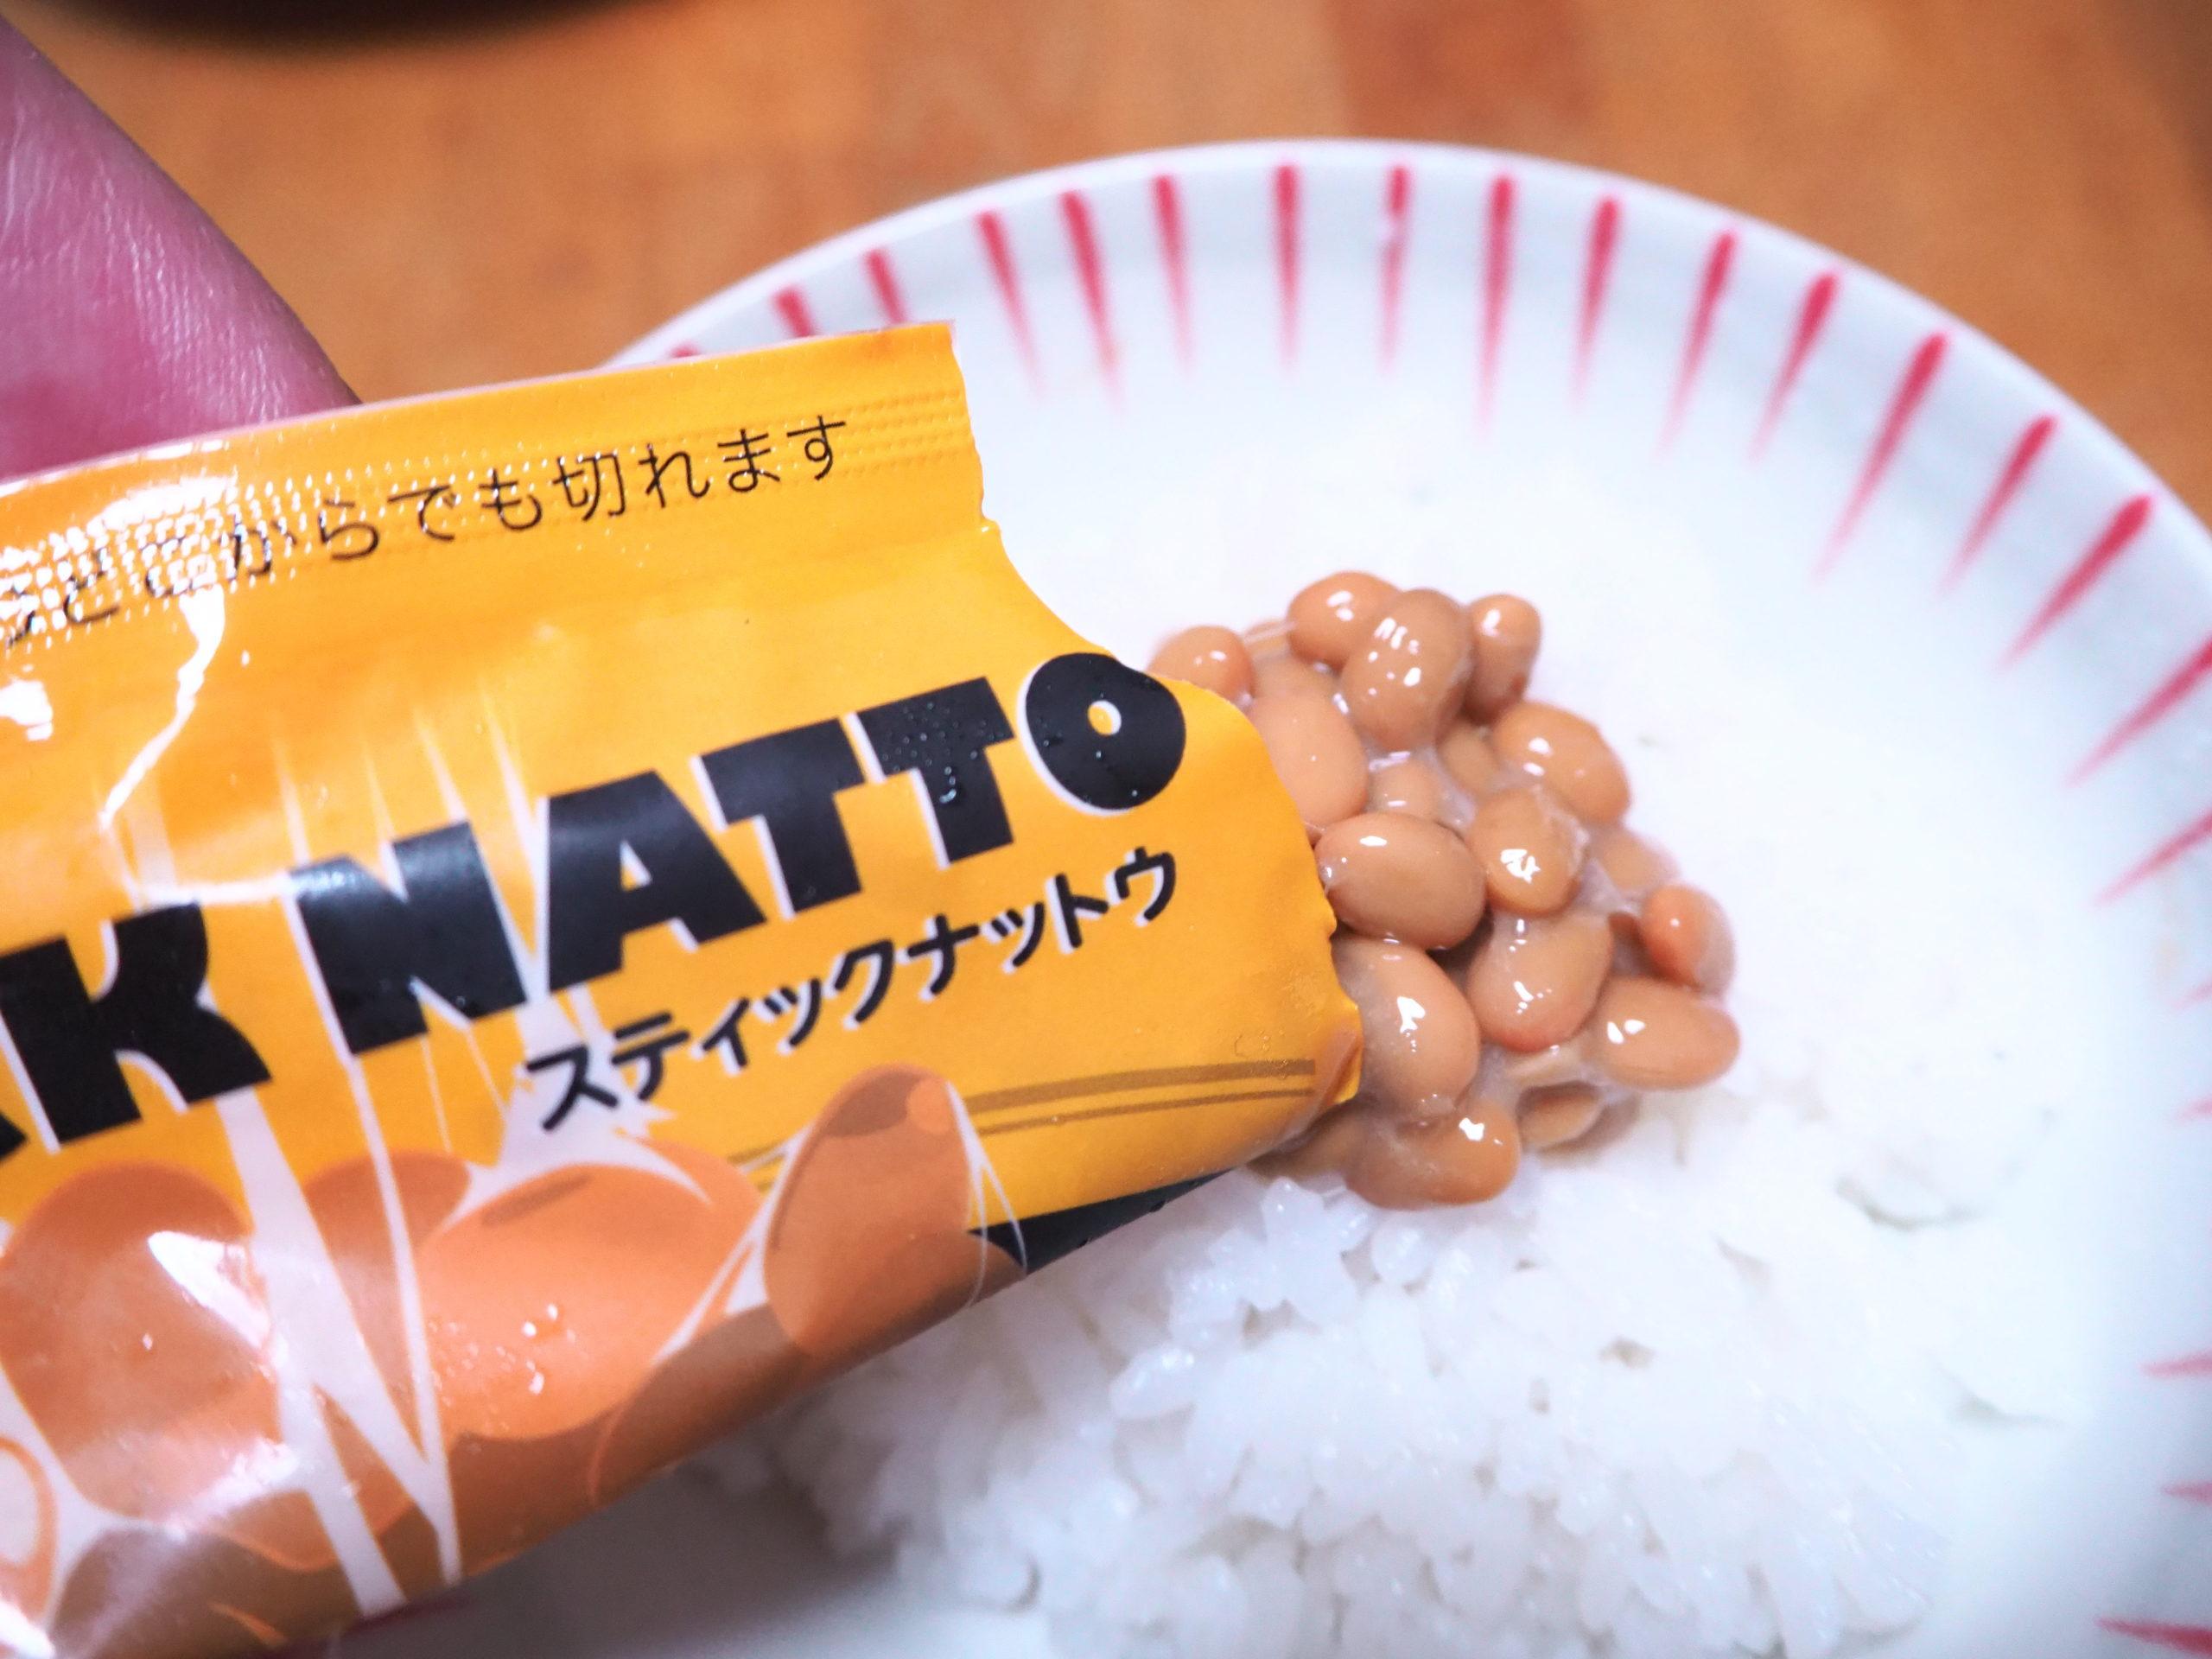 スティック納豆 加豆フーズ マジックカット